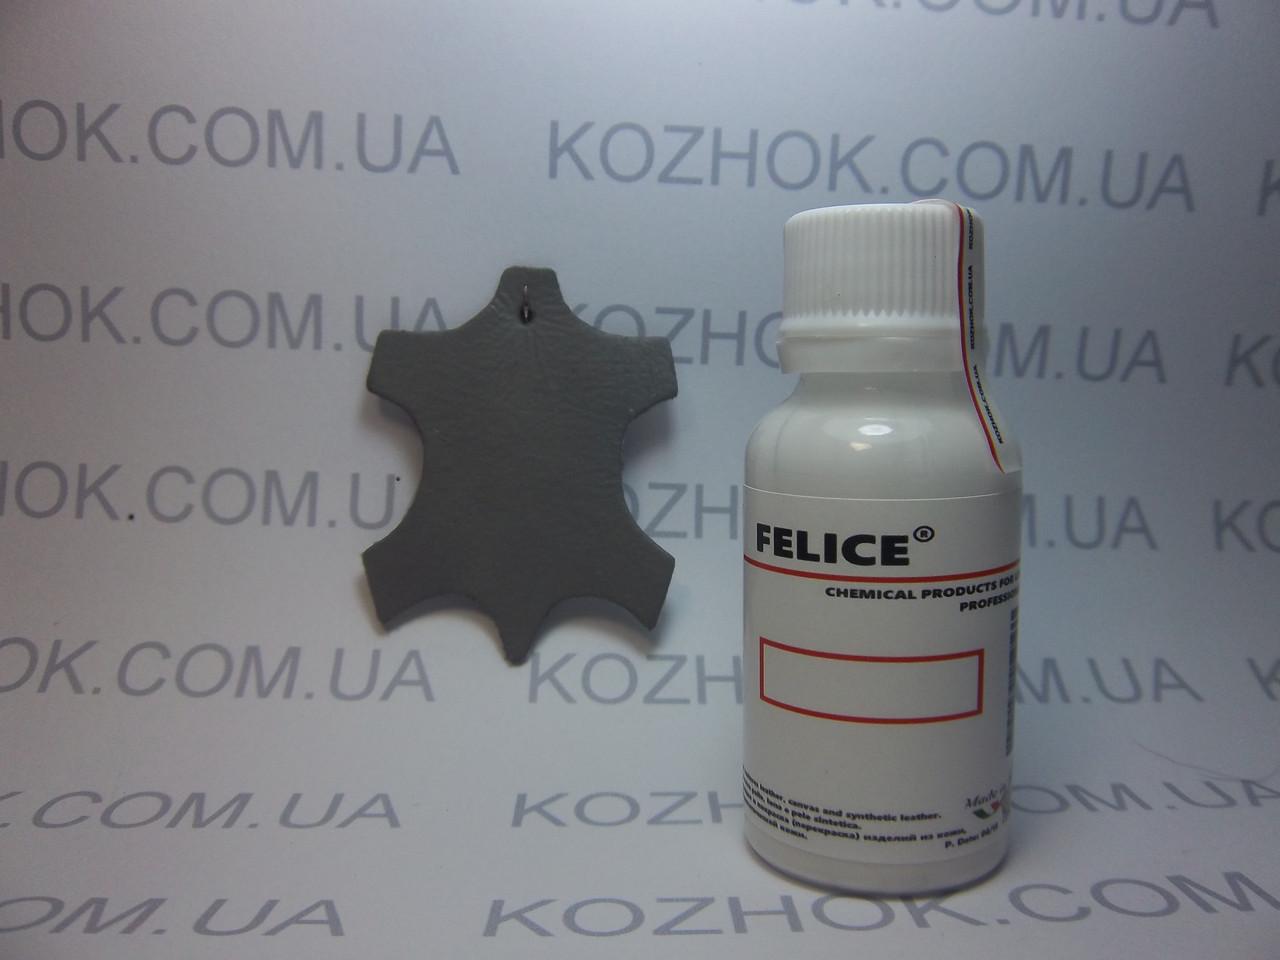 Краска для кожи Felice цв.Серый Агат (25 мл)Для обуви,гладкой кожи, кожгалантереи, кожаной мебели, кожаного са